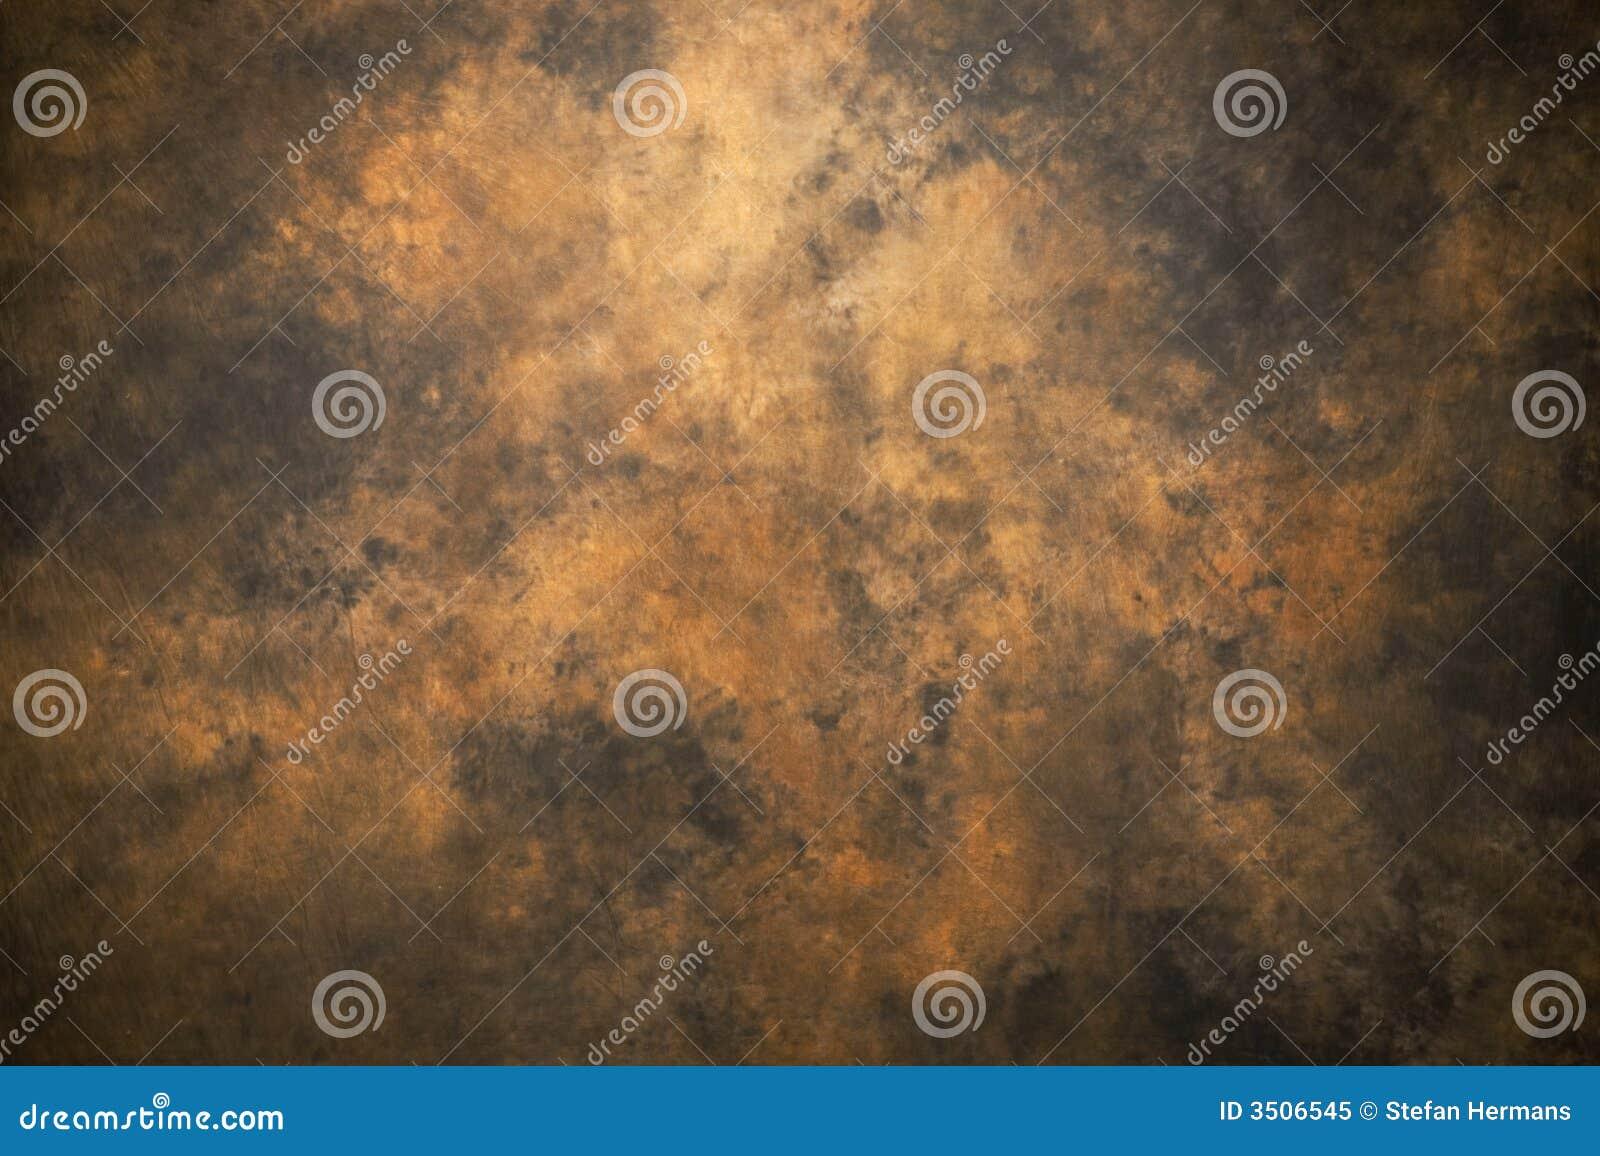 Alter schmutziger brauner Hintergrund